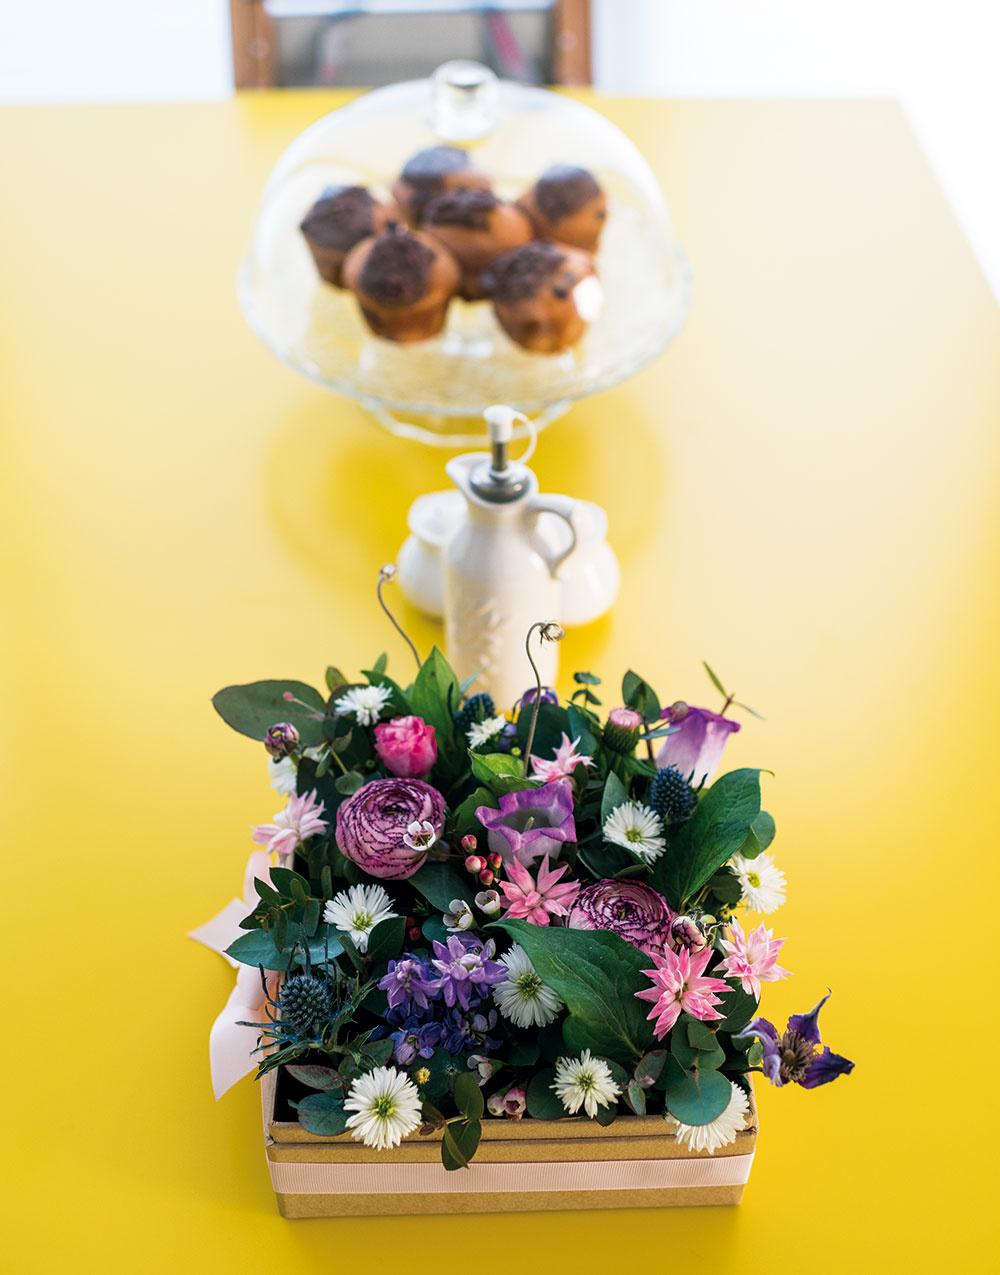 Žiarivožltá doska jedálenského stola perfektne oživila denný priestor, ktorého základ je ladený v tlmených pastelových tónoch.